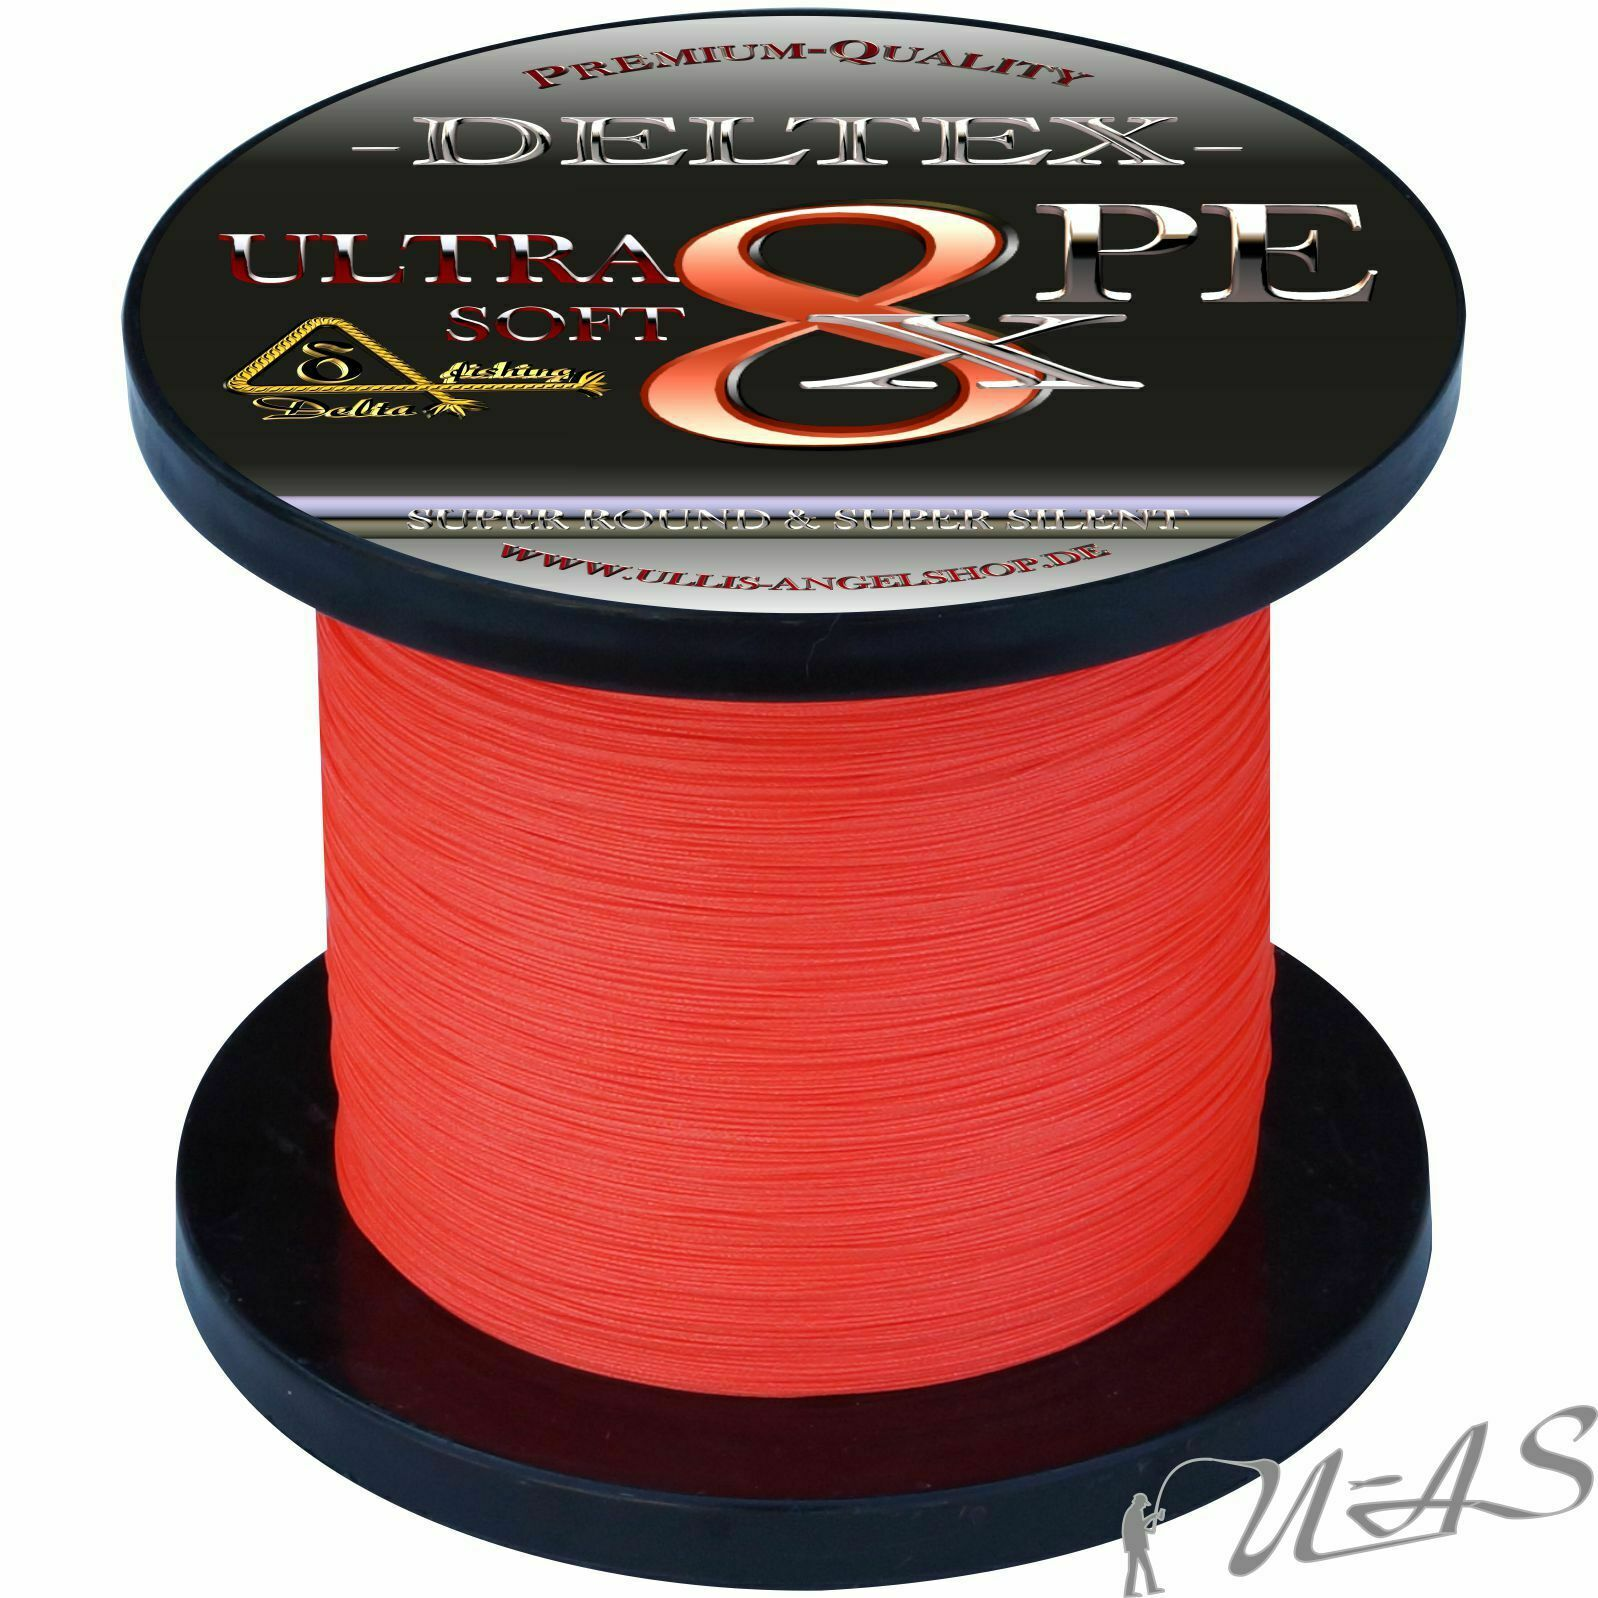 Deltex ULTRA SOFT ROSSO 0,10mm 5.90kg 1000m 8 volte intrecciato lenza KVA